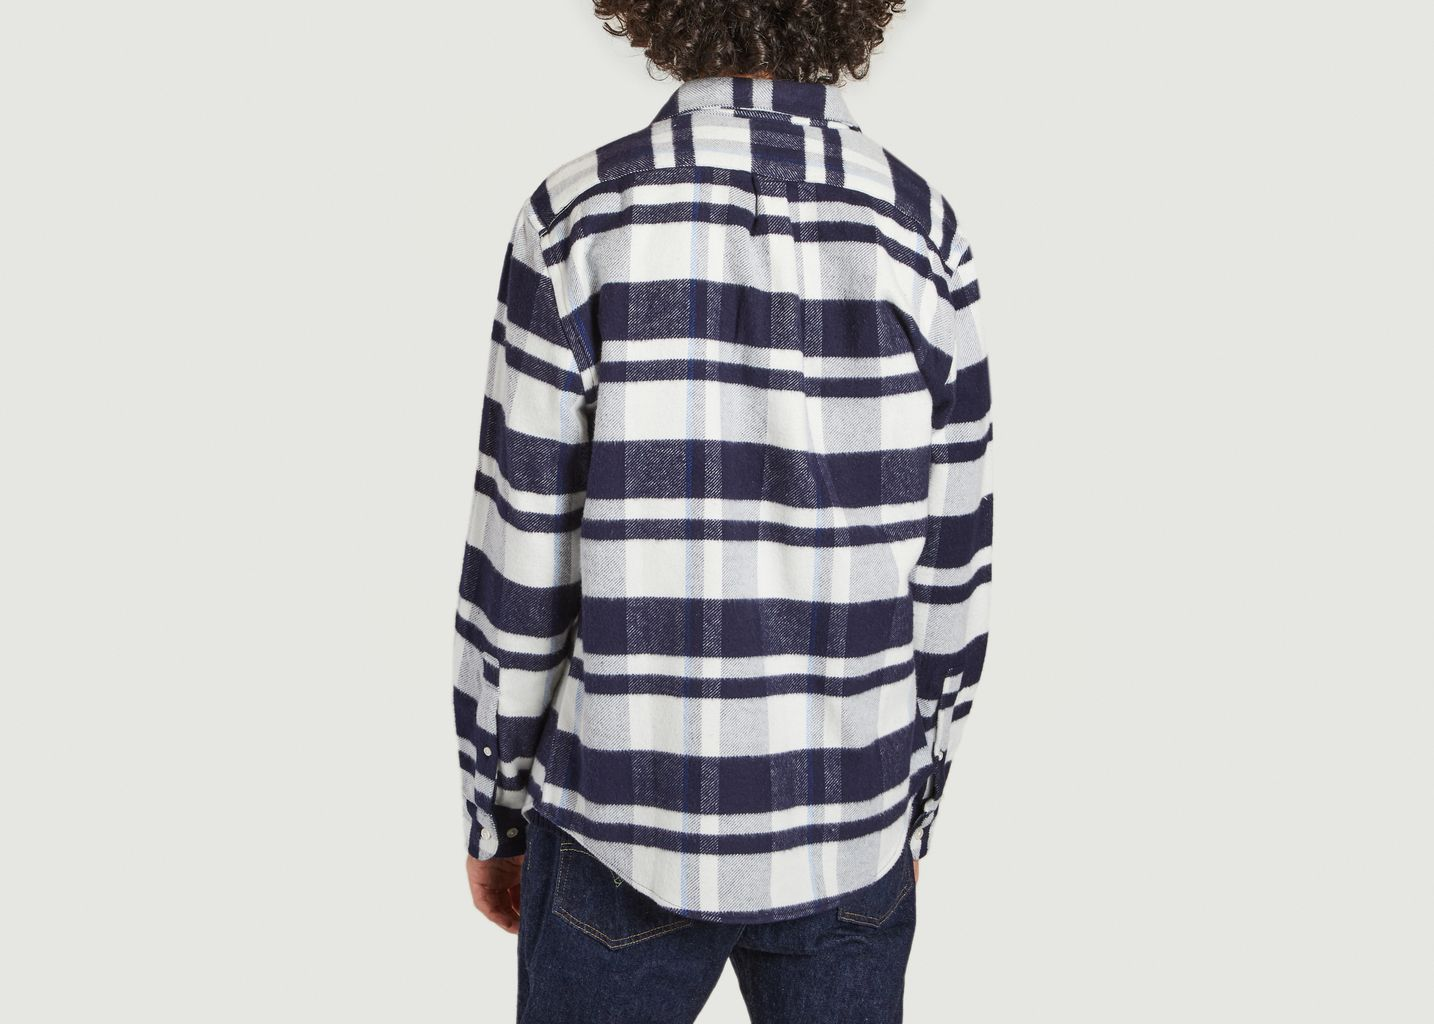 Chemise en flanelle à carreaux Bonefire - Portuguese Flannel